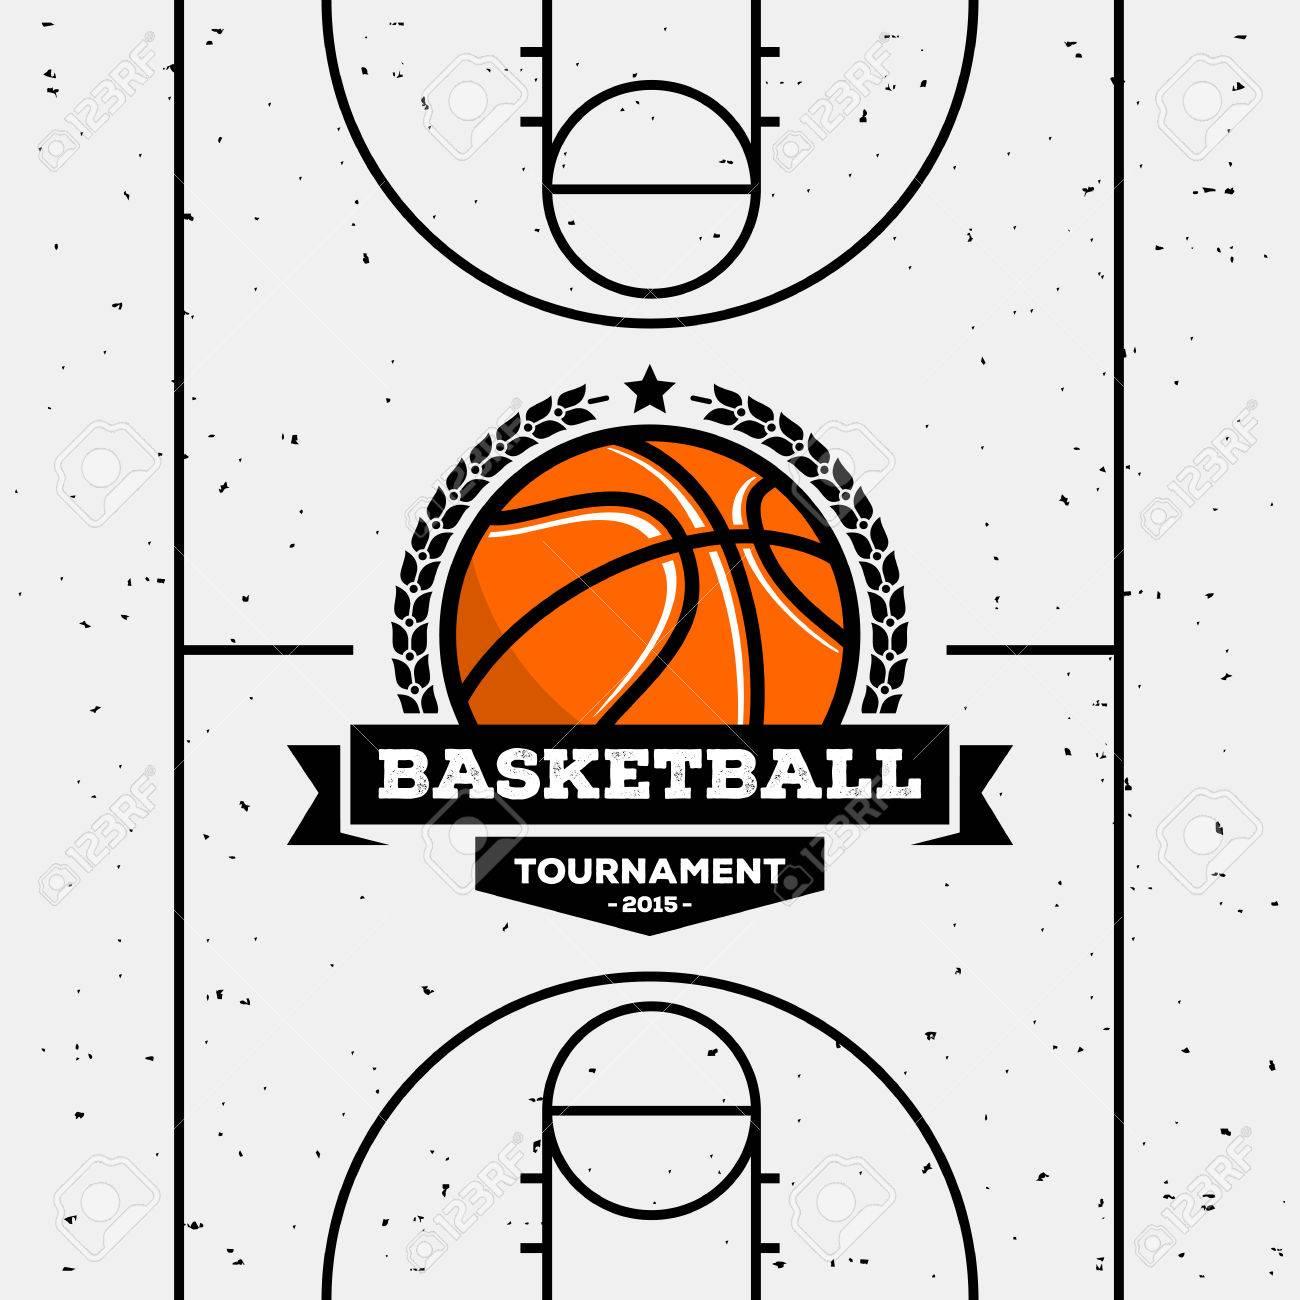 Ausgezeichnet Basketball Schuss Diagramm Vorlage Fotos - Entry Level ...